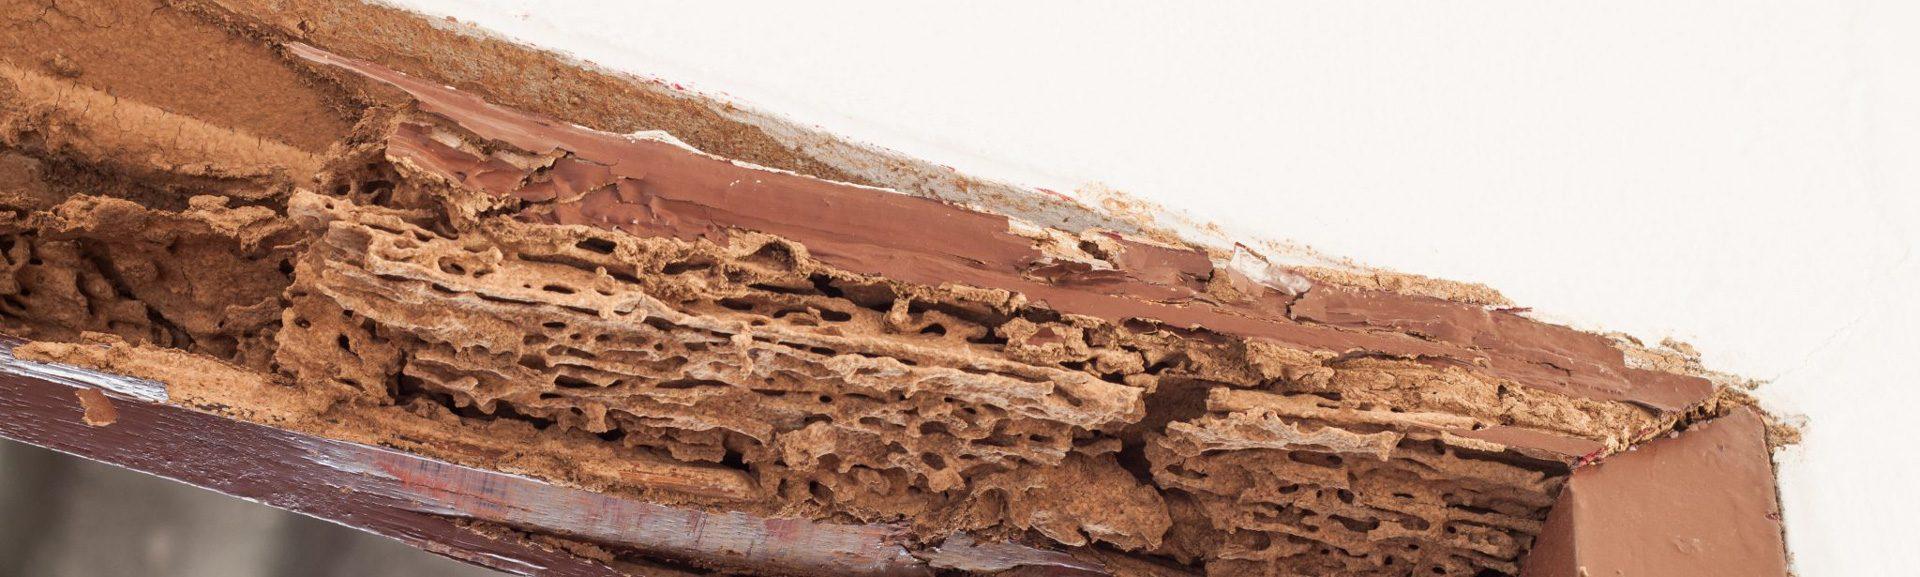 traitement contre les insectes xylophages ALGO3D 75 paris 77 78 91 92 93 94 95 bois de charpente insecte du bois vers de bois